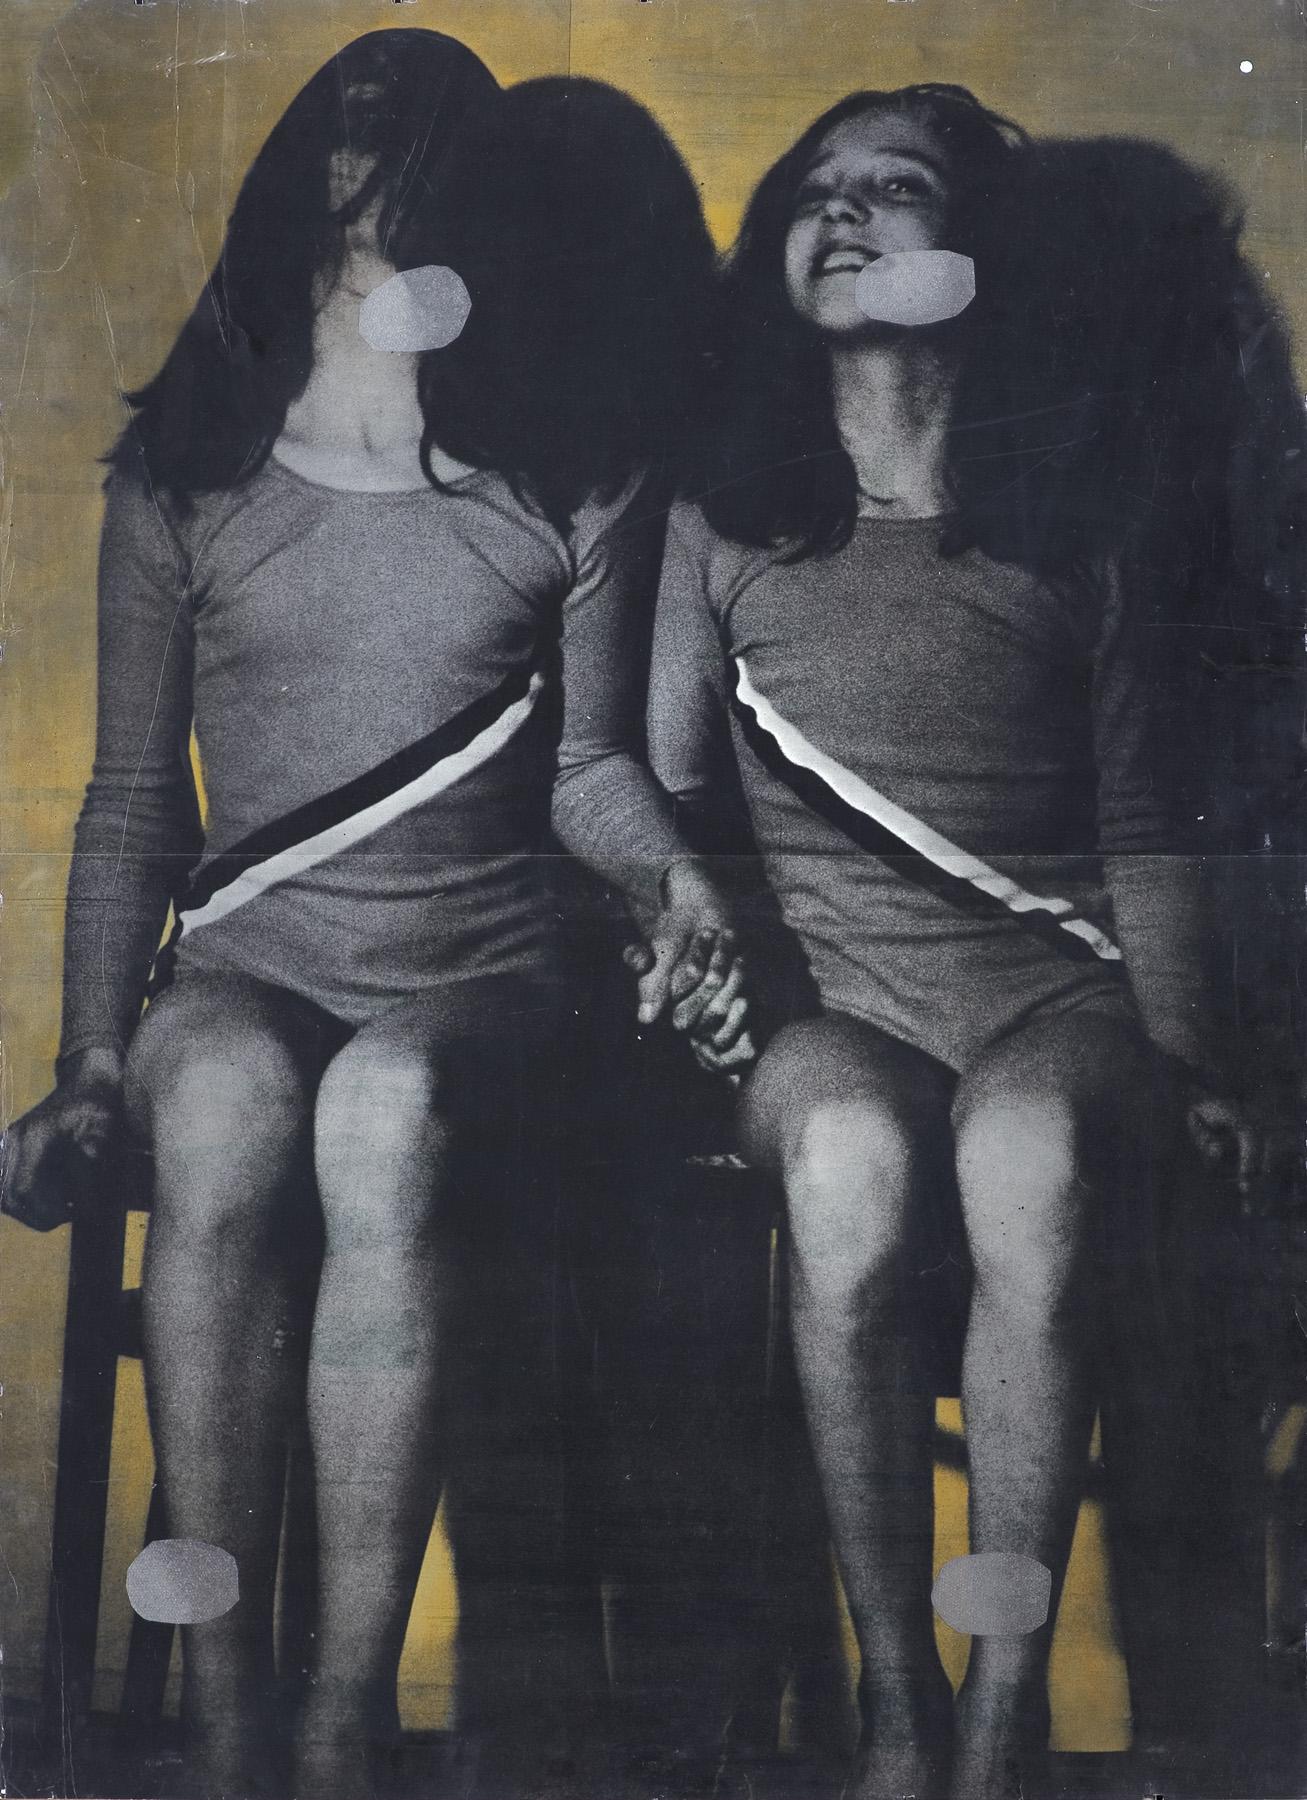 WZGLĘDNE CECHY PODOBIEŃSTWA XII, 1980